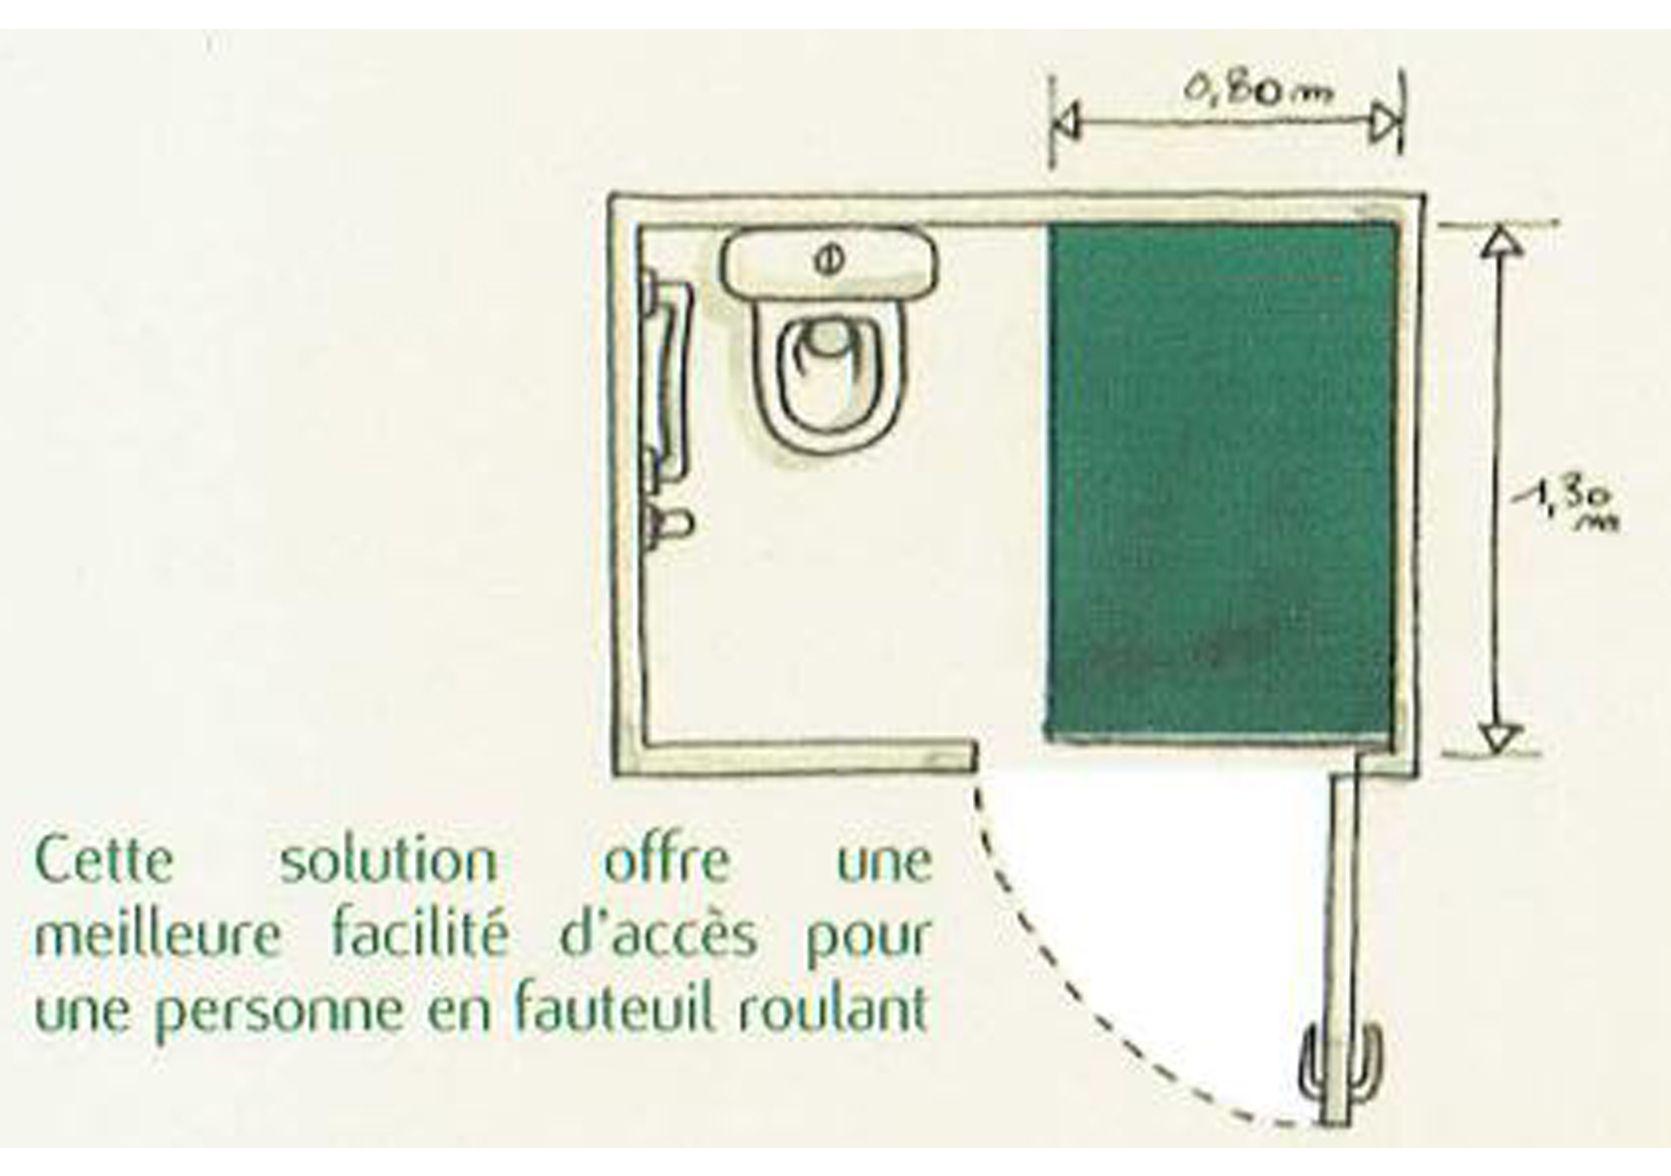 Categorie Accessibilite Handicape Erp Vaucluse Amenagement Salle De Bain Sanitaire Dessinateur Projeteur